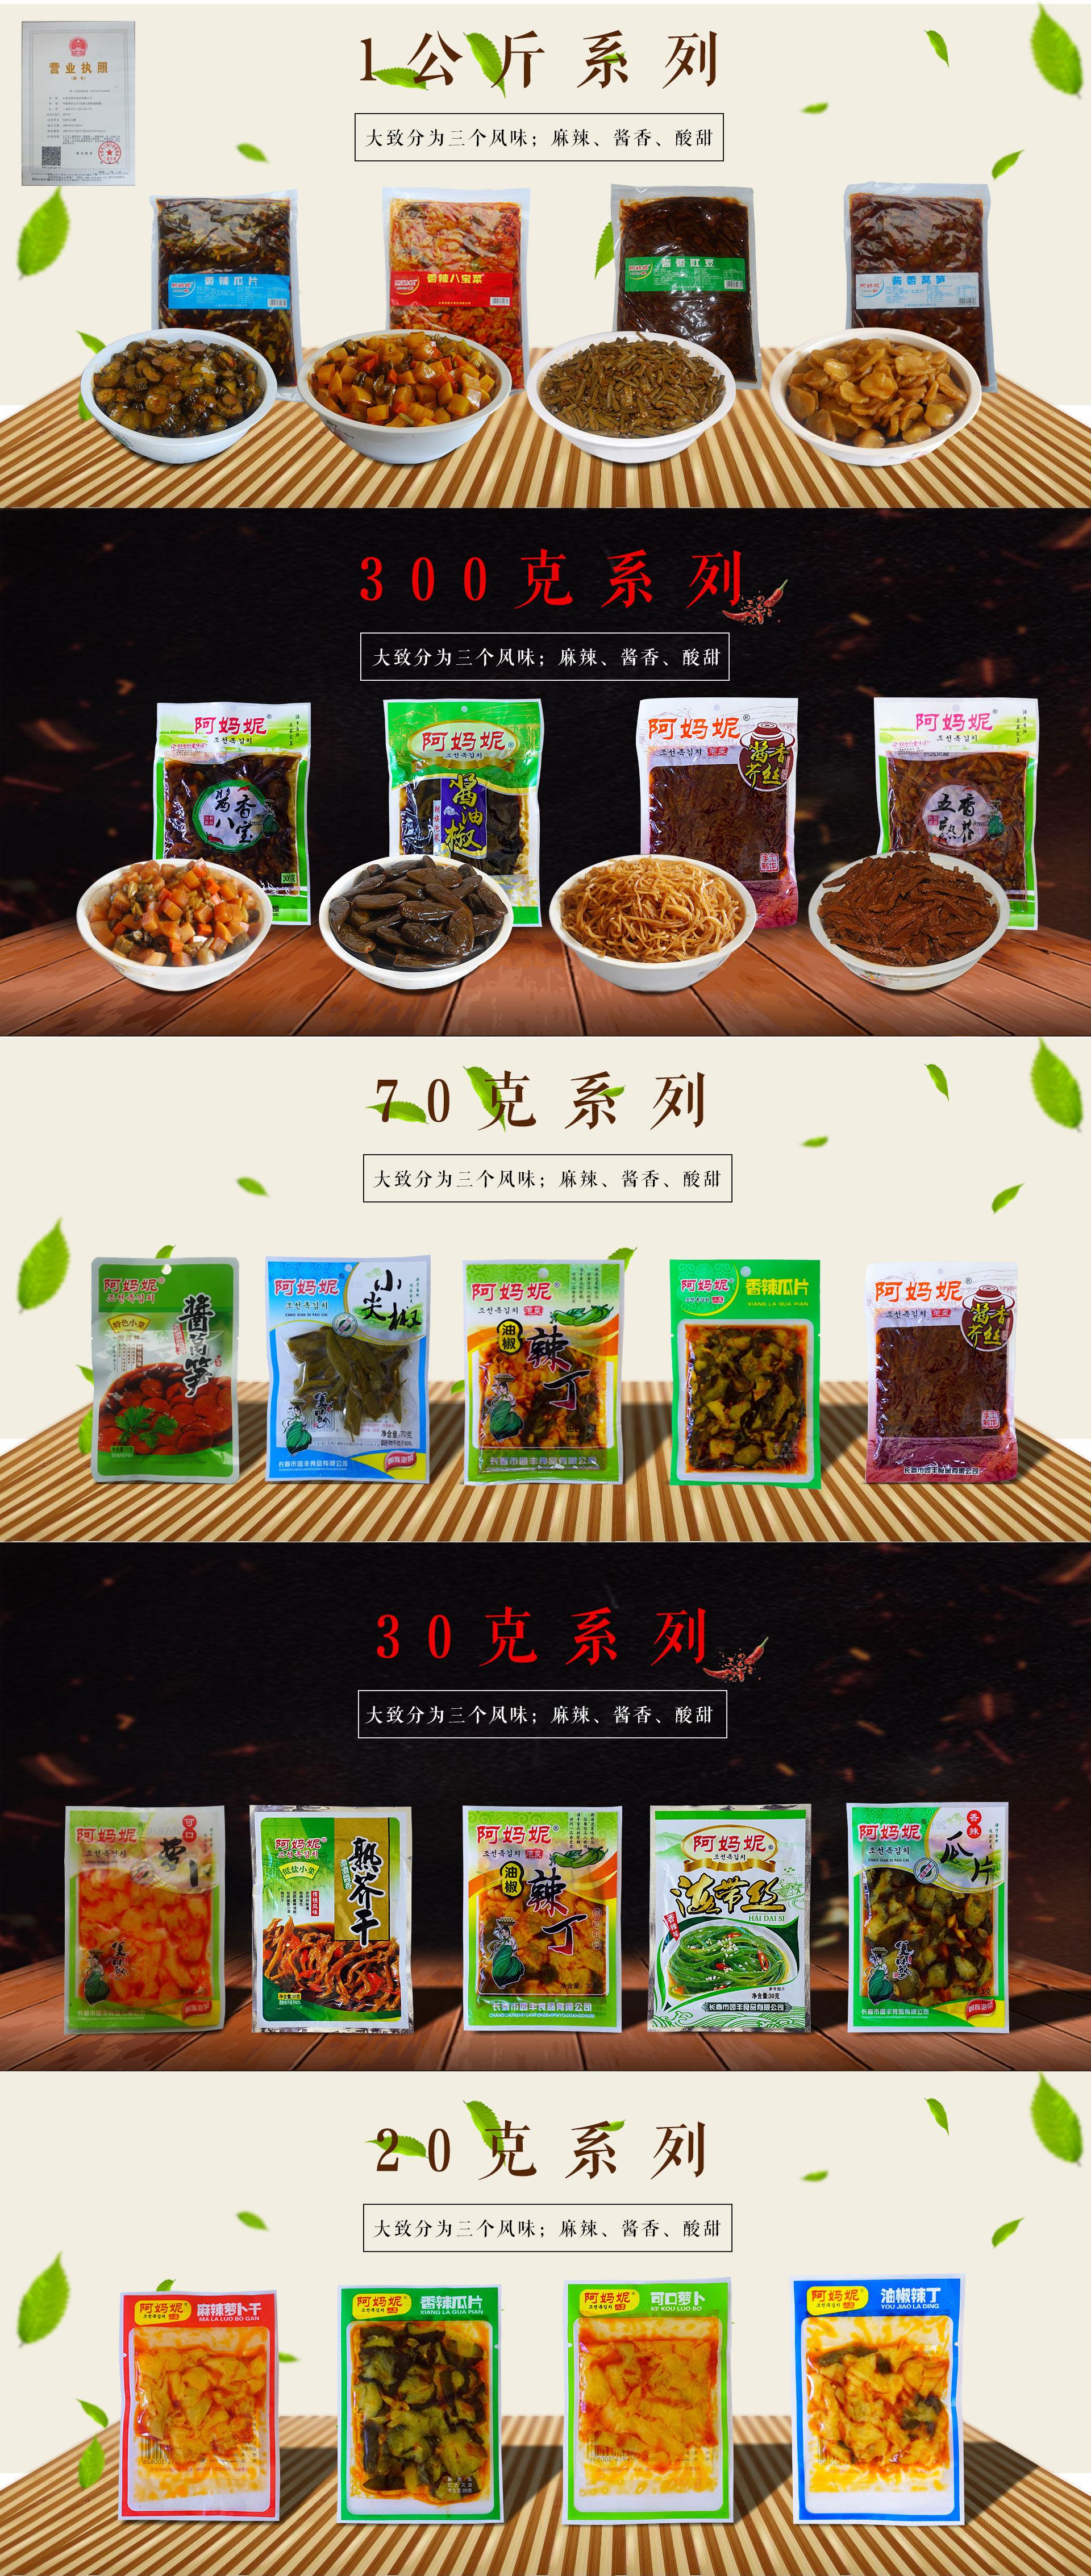 长春园丰食品阿妈妮系列产品